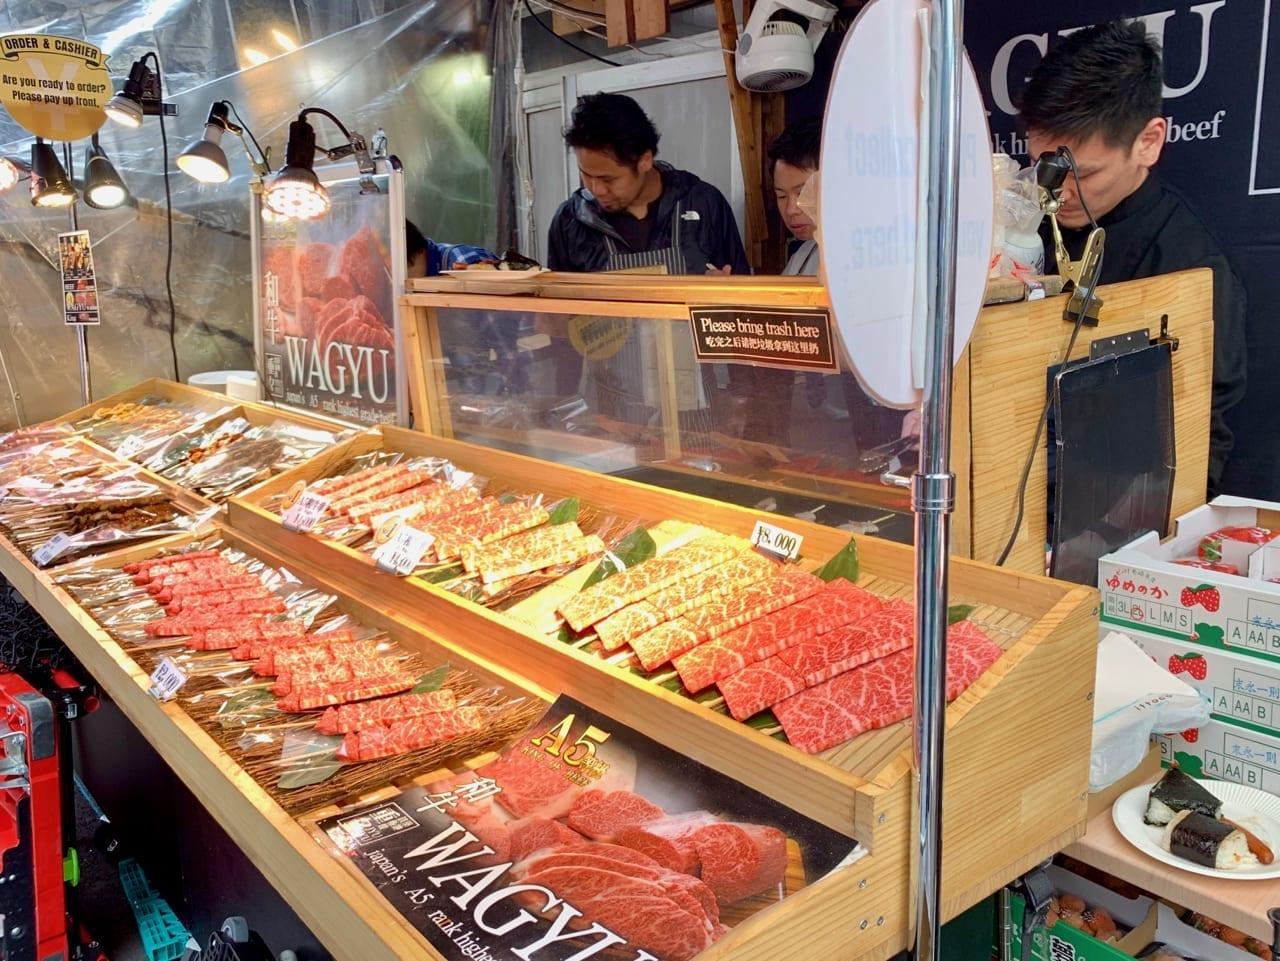 Wagyu Beef at the Tsukiji Fish Market in Tokyo